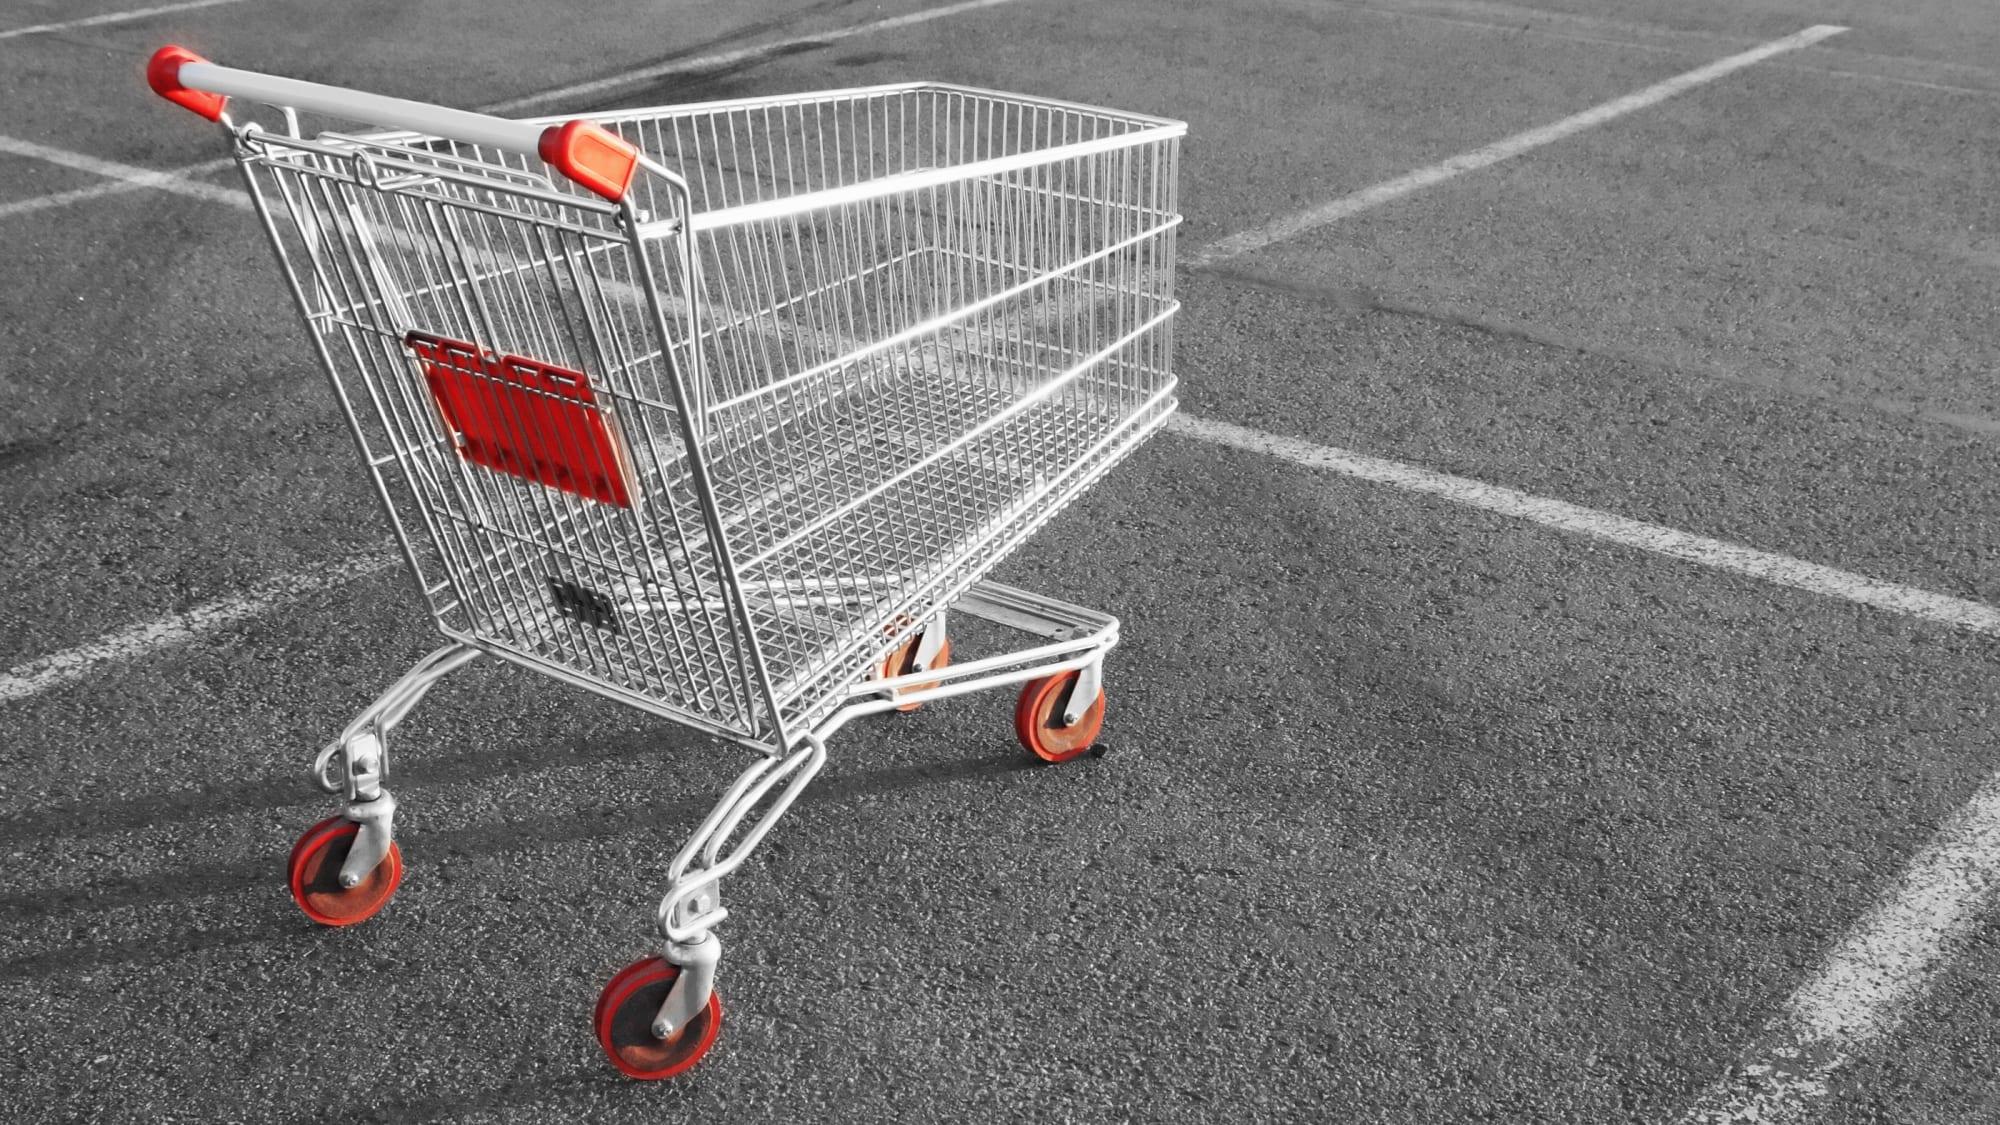 Leerer Einkaufswagen steht auf einem Parkplatz